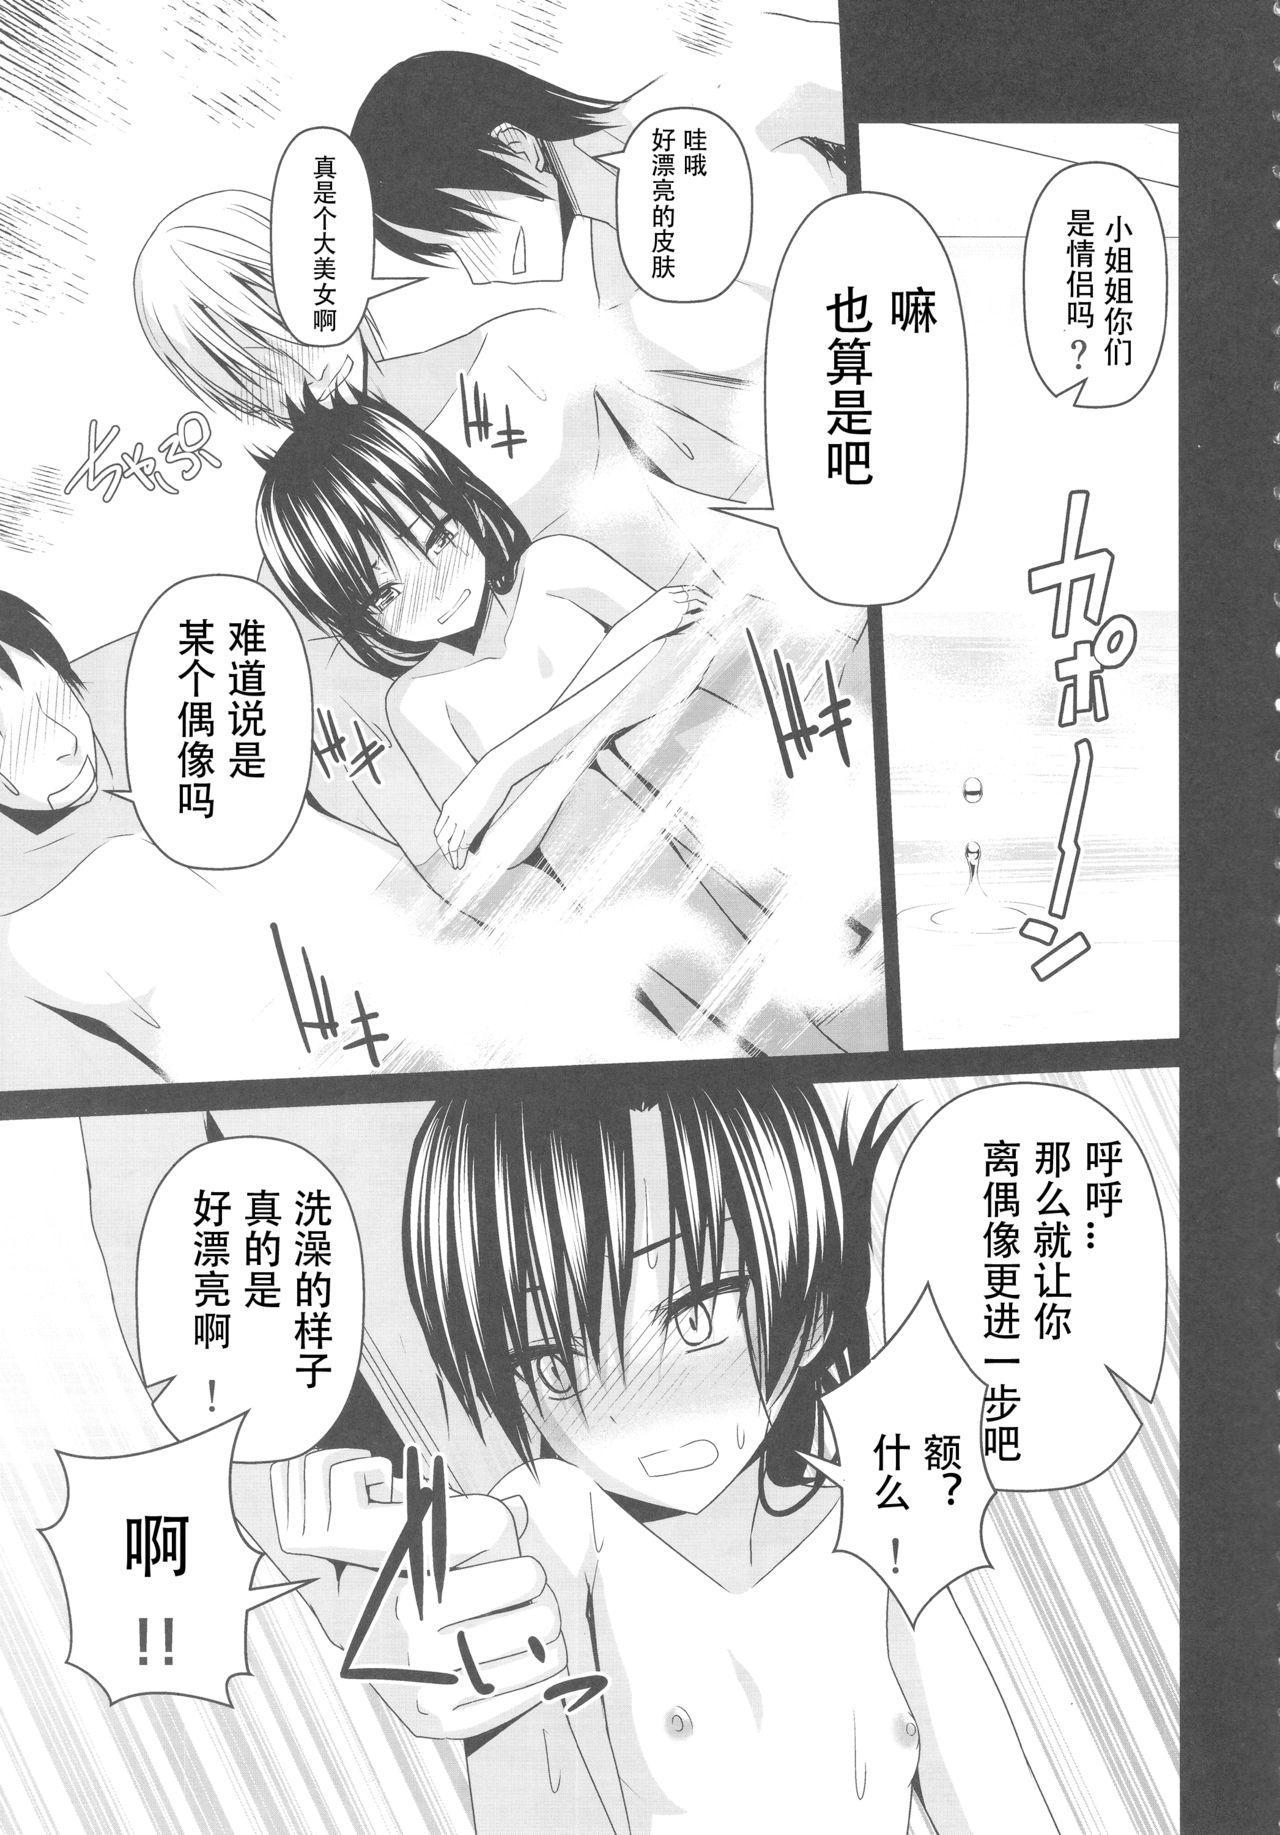 Konyoku Onsen Chihayu 5